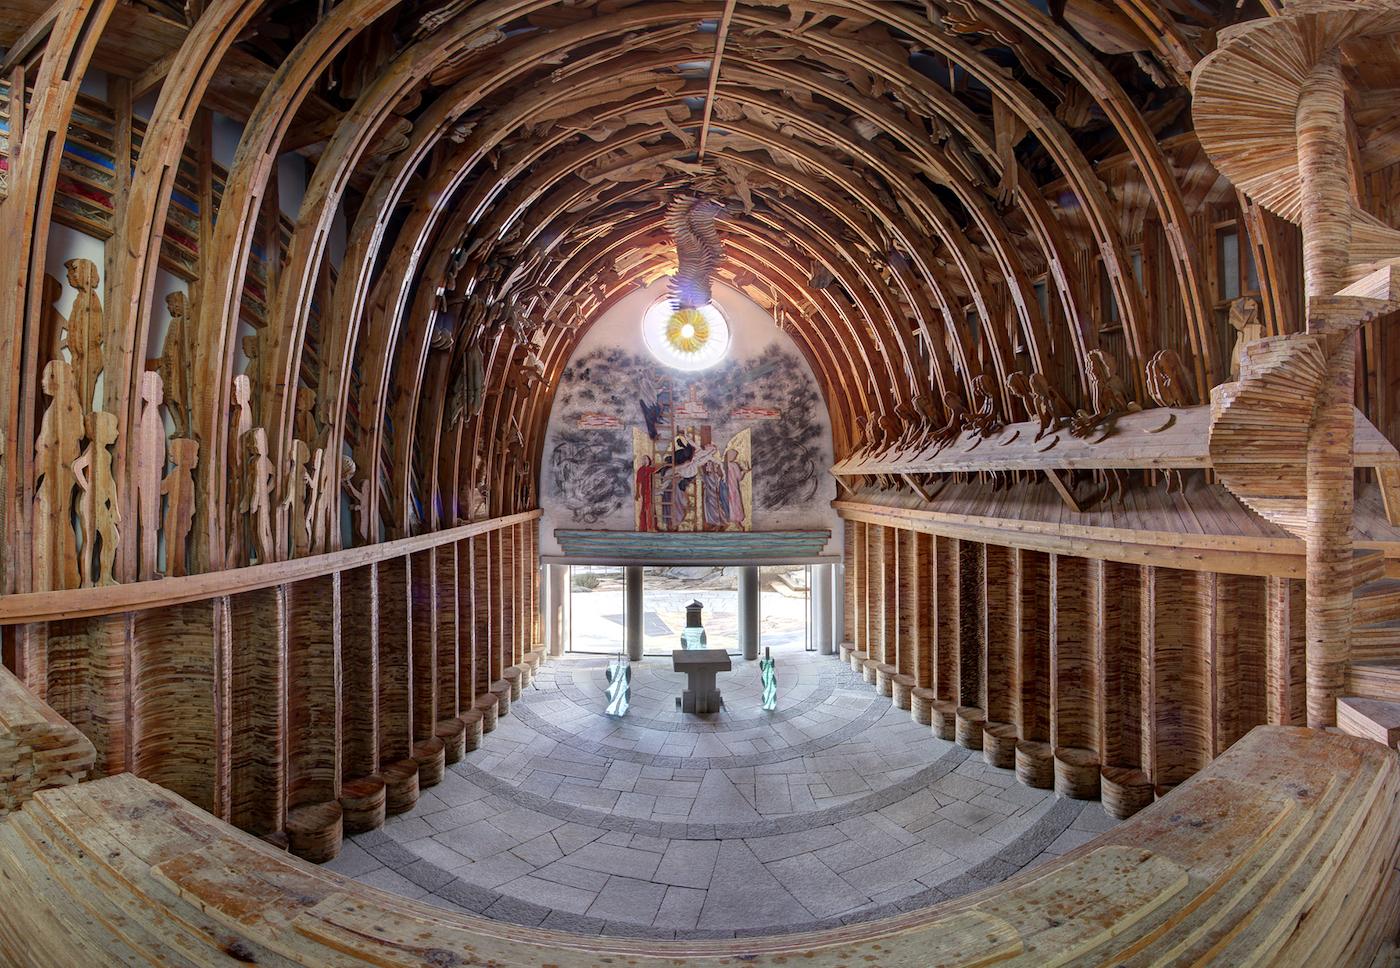 L'interno della chiesa di San Lorenzo a Porto Rotondo, creato dall'artista Mario Ceroli - foto Fondazione Porto Rotondo